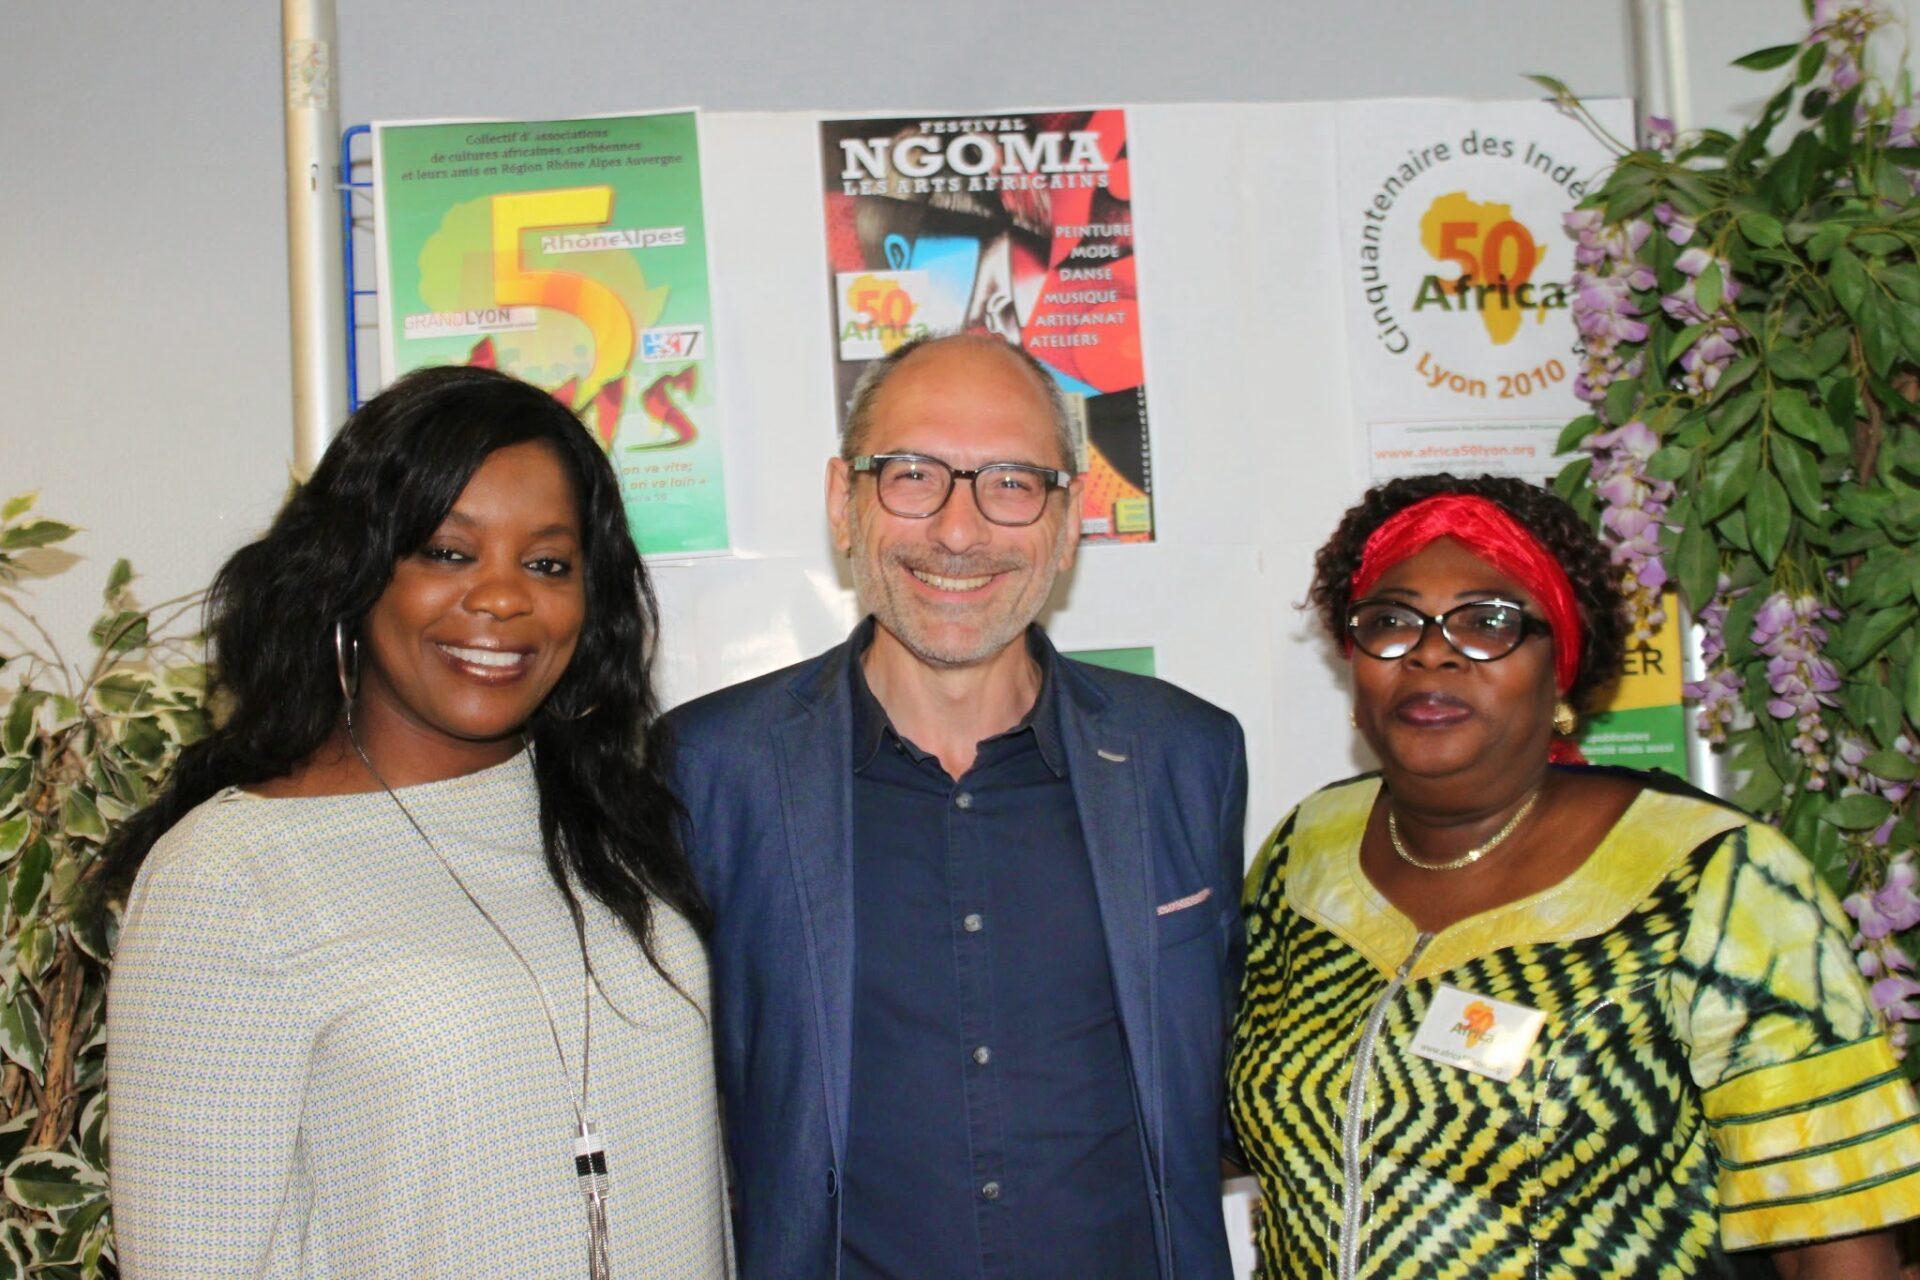 [ASSOCIATIONS] Le collectif Africa 50 a célébré ses 5 ans à Lyon